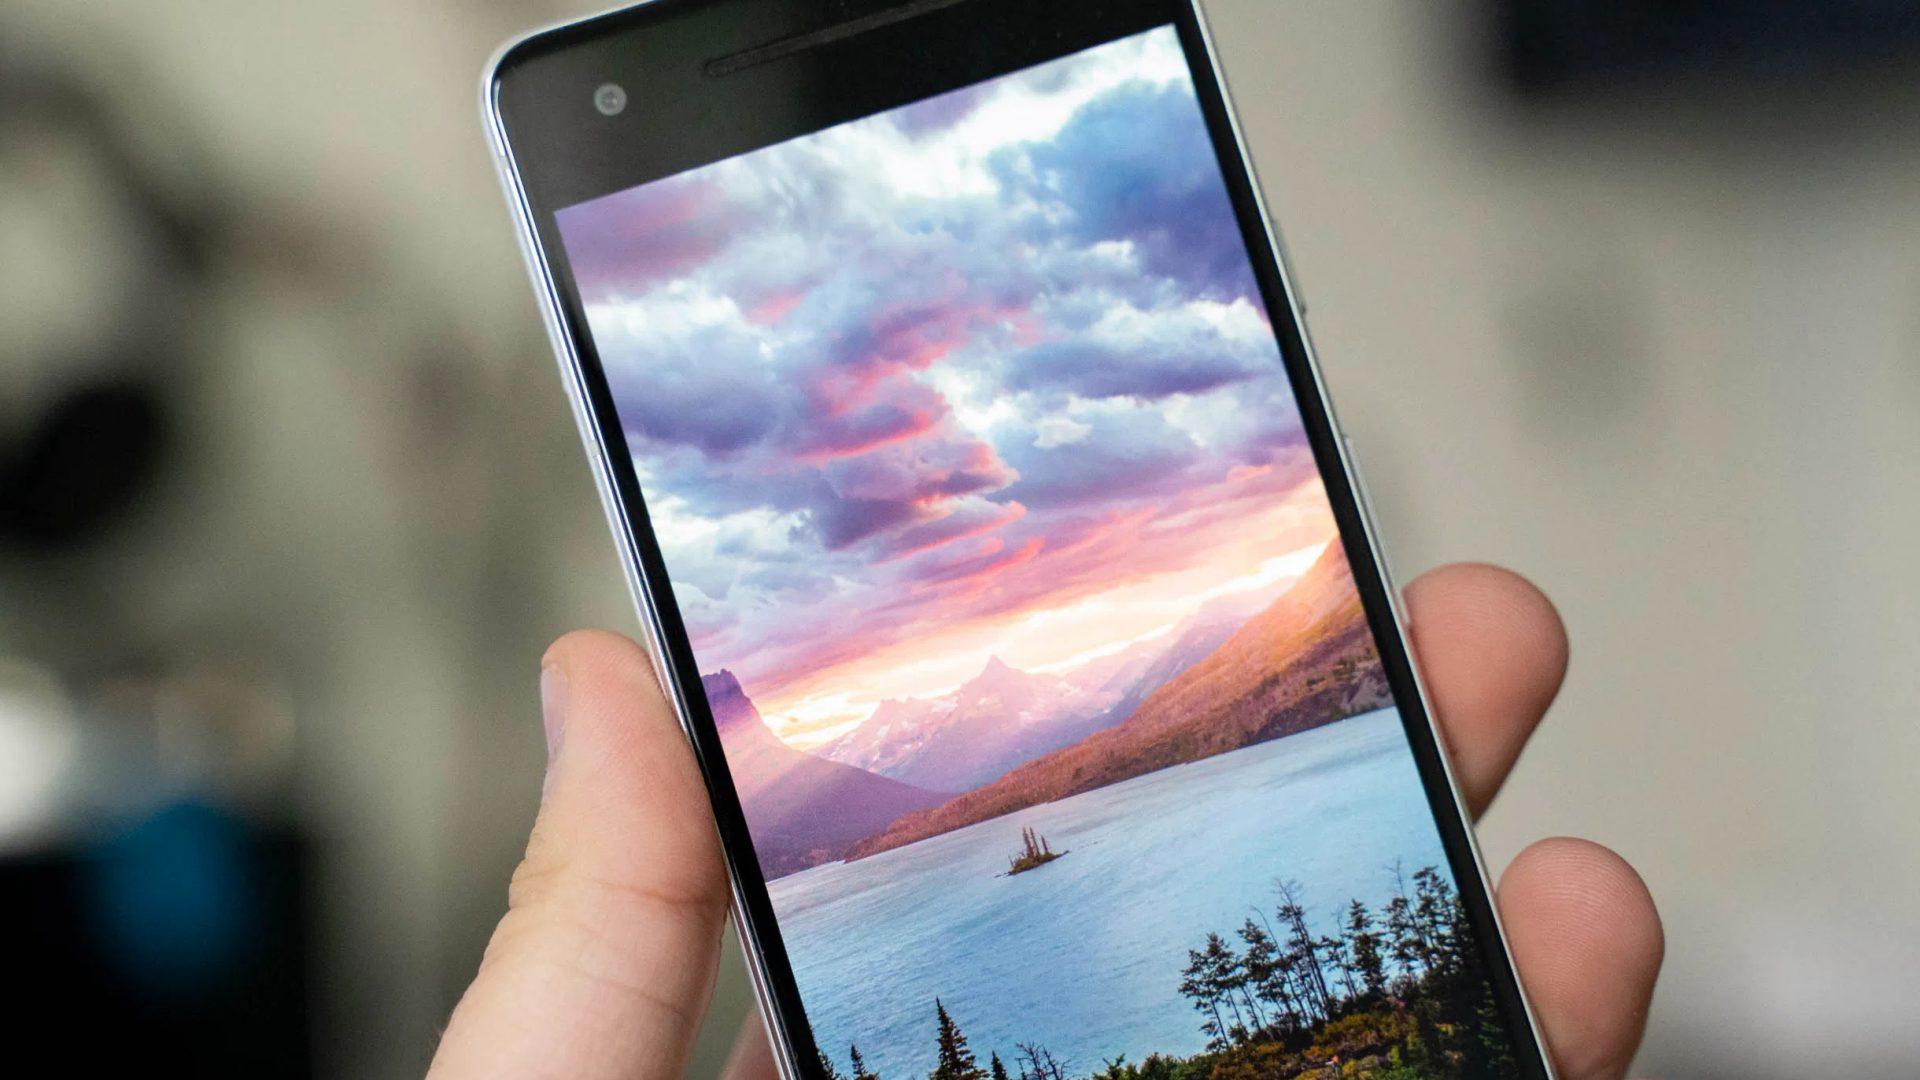 un-bug-de-android-face-orice-telefon-inutilizabil-cu-aceasta-poza-de-fundal